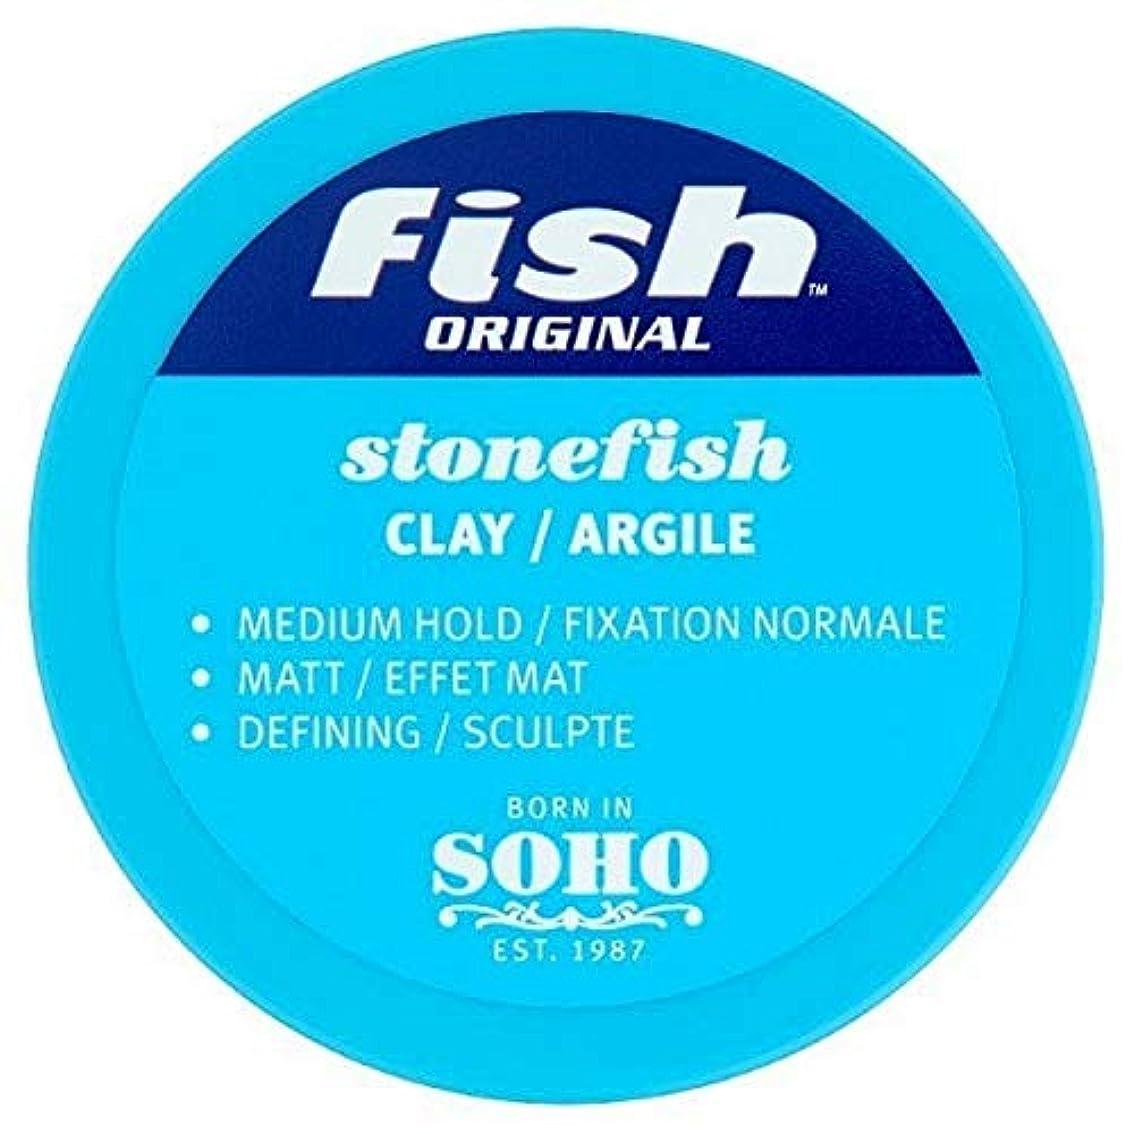 単語性能パウダー[Fish Soho] 魚本来のオニダルマオコゼマット粘土70ミリリットル - Fish Original Stonefish Matt Clay 70ml [並行輸入品]